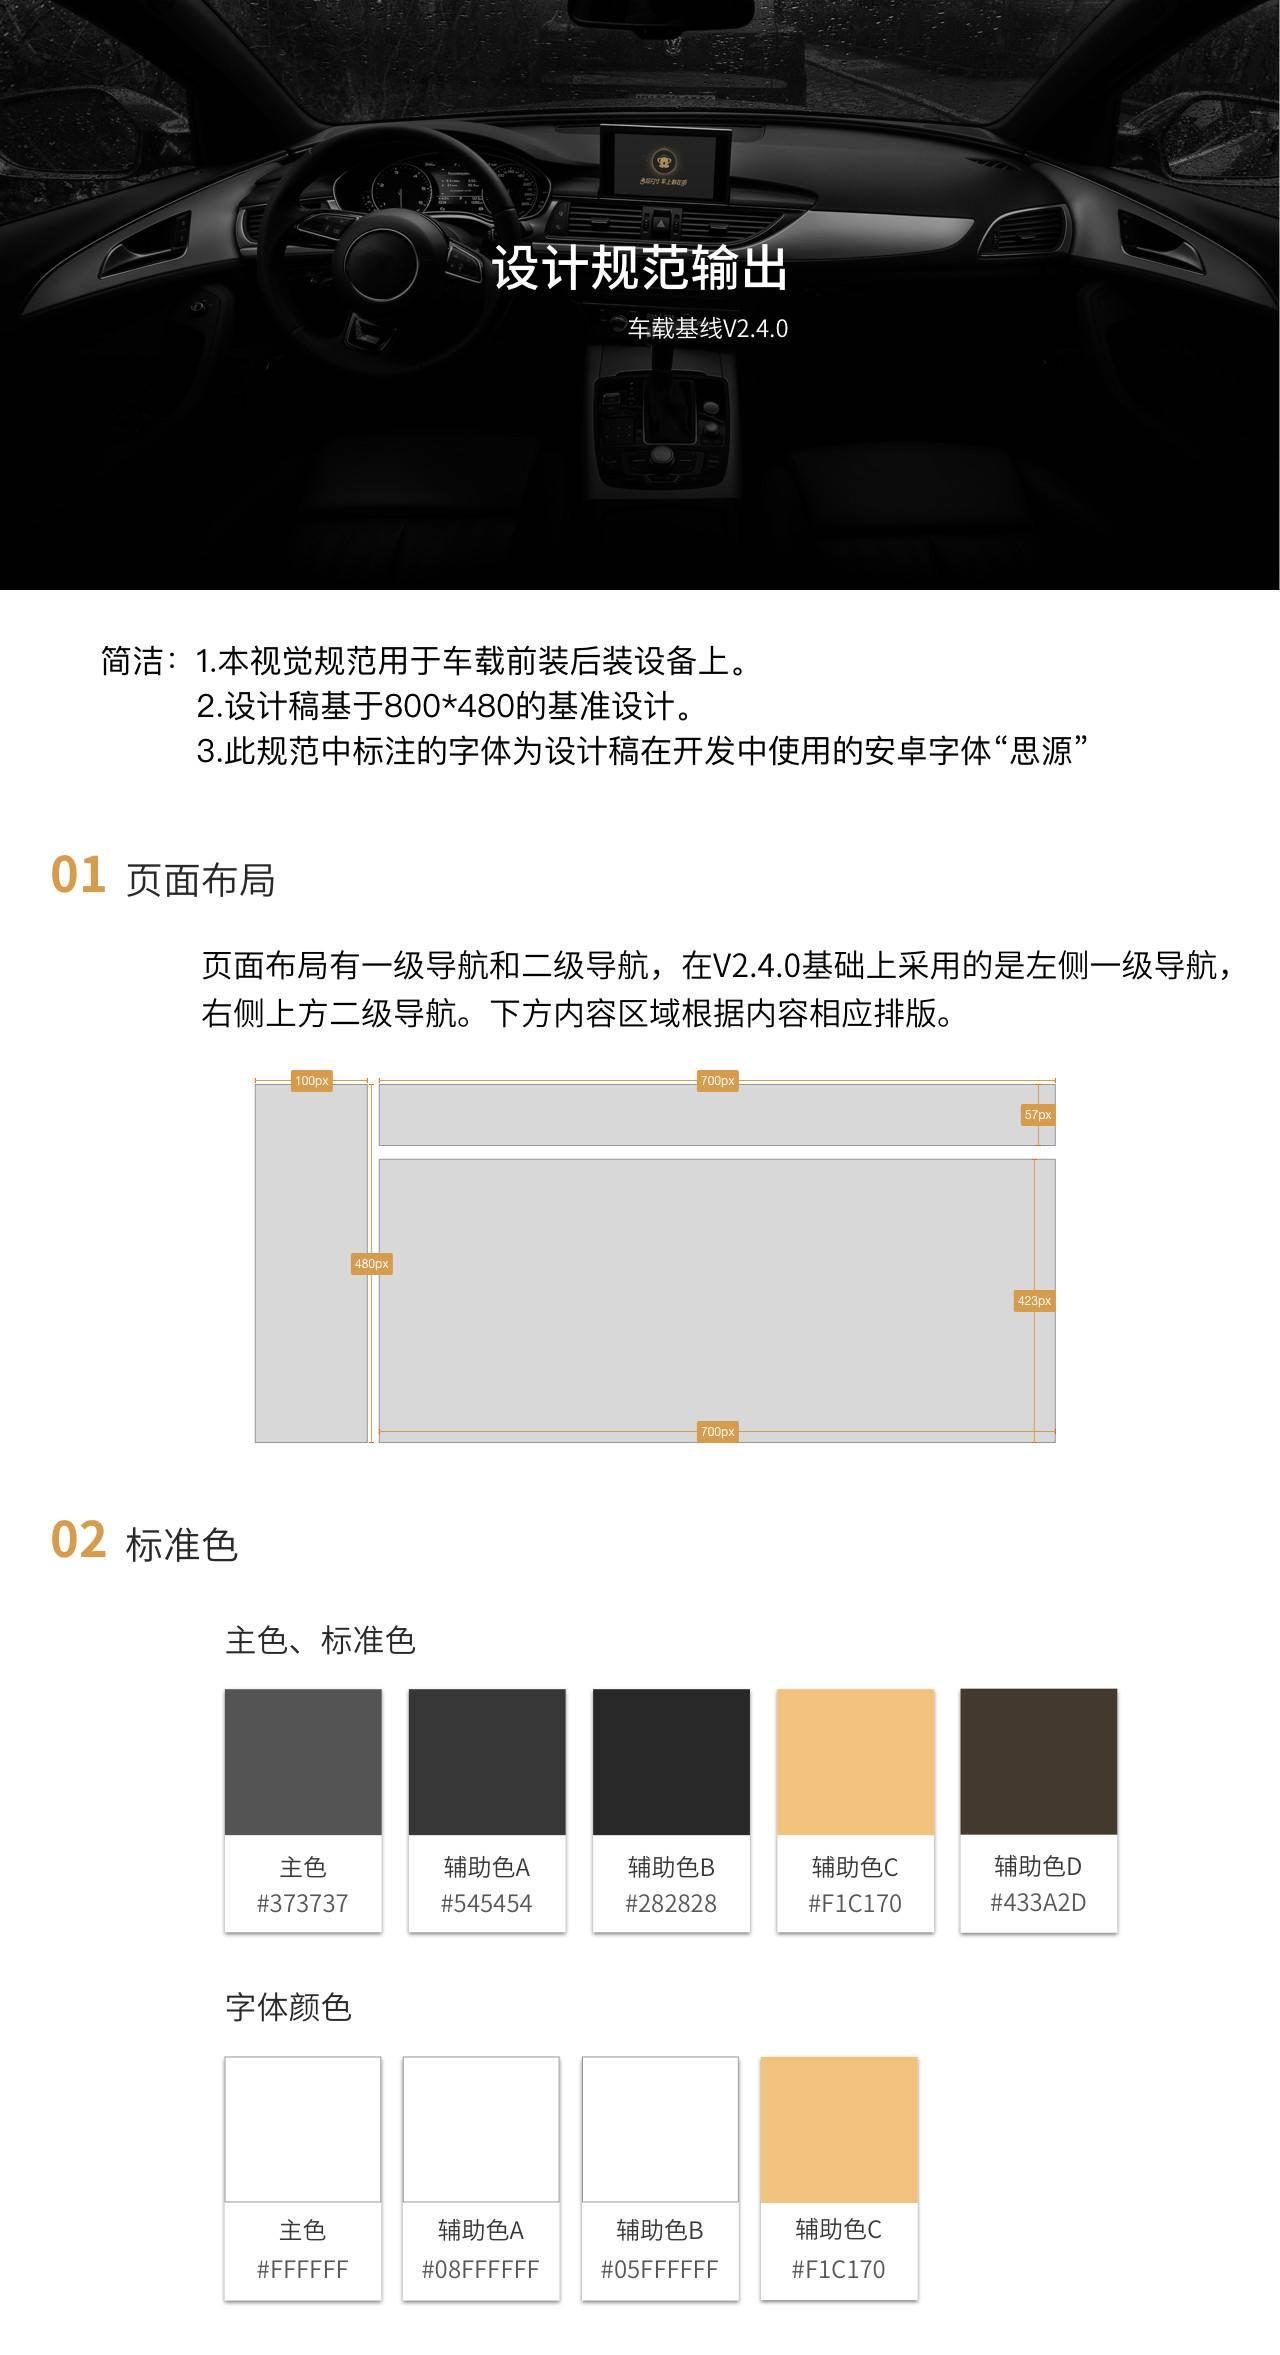 车载UI的设计规范文档参考